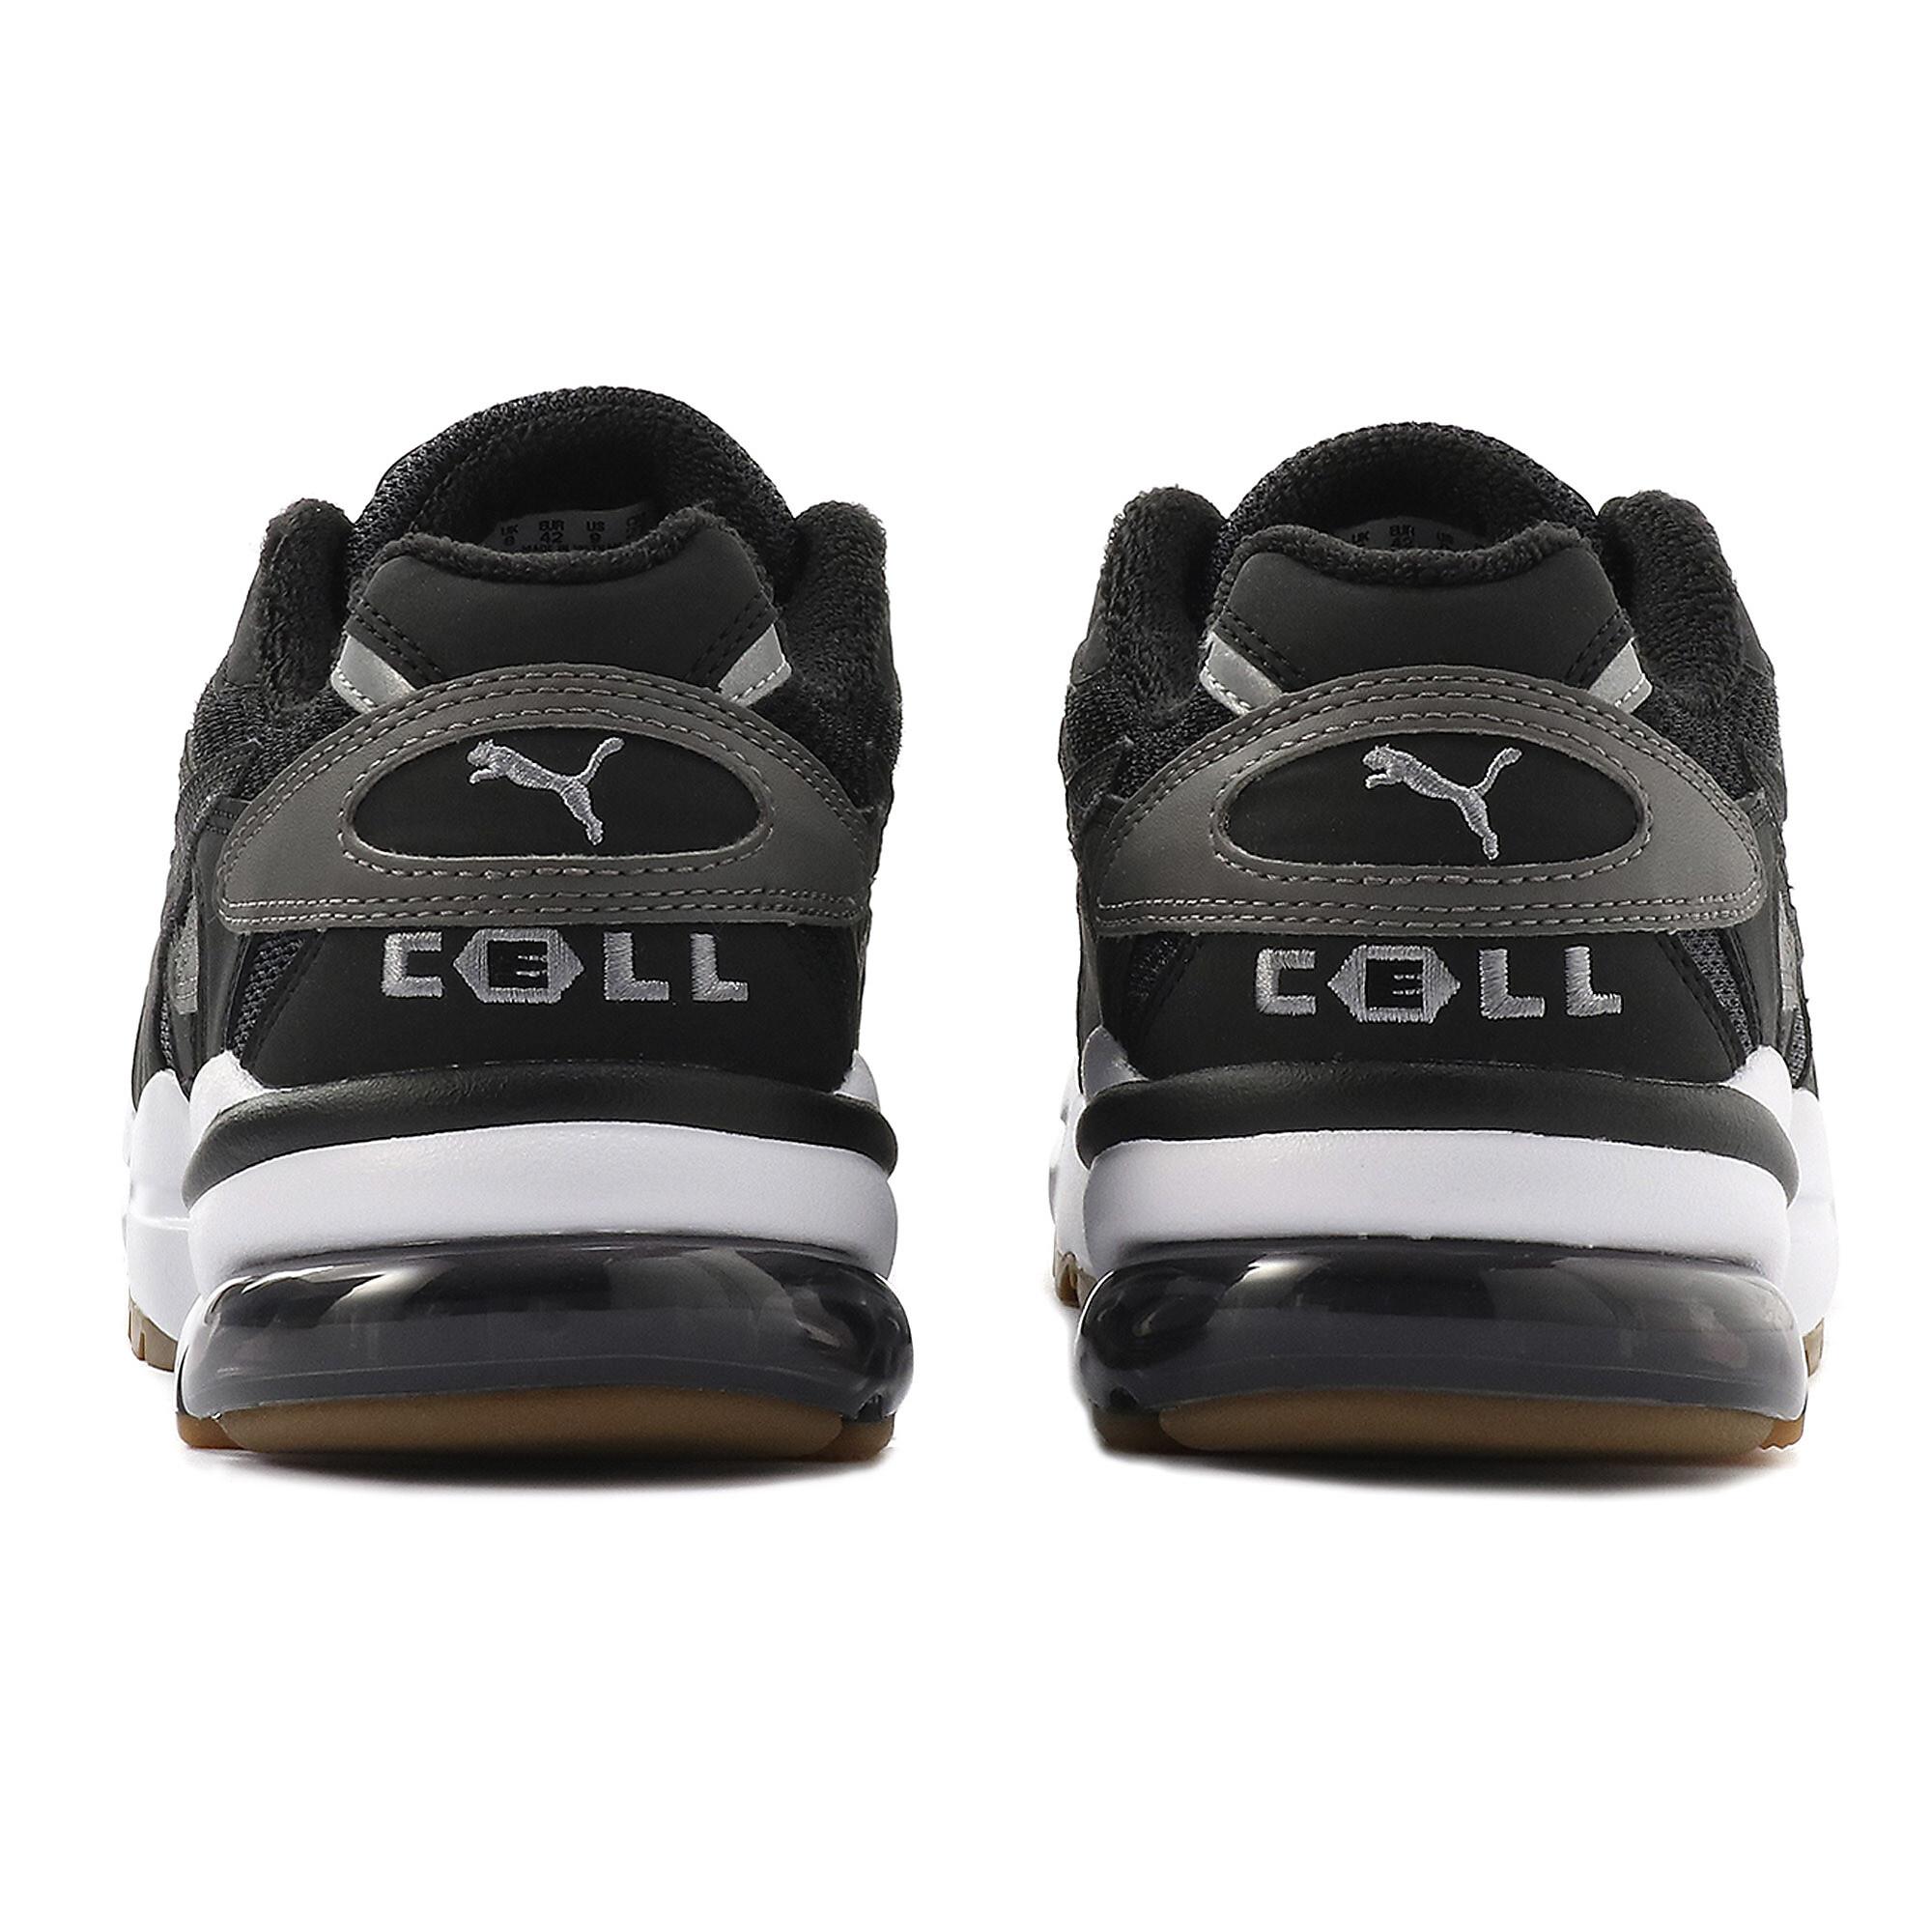 PUMA-CELL-Alien-OG-Men-039-s-Sneakers-Men-Shoe-Sport-Classics thumbnail 17